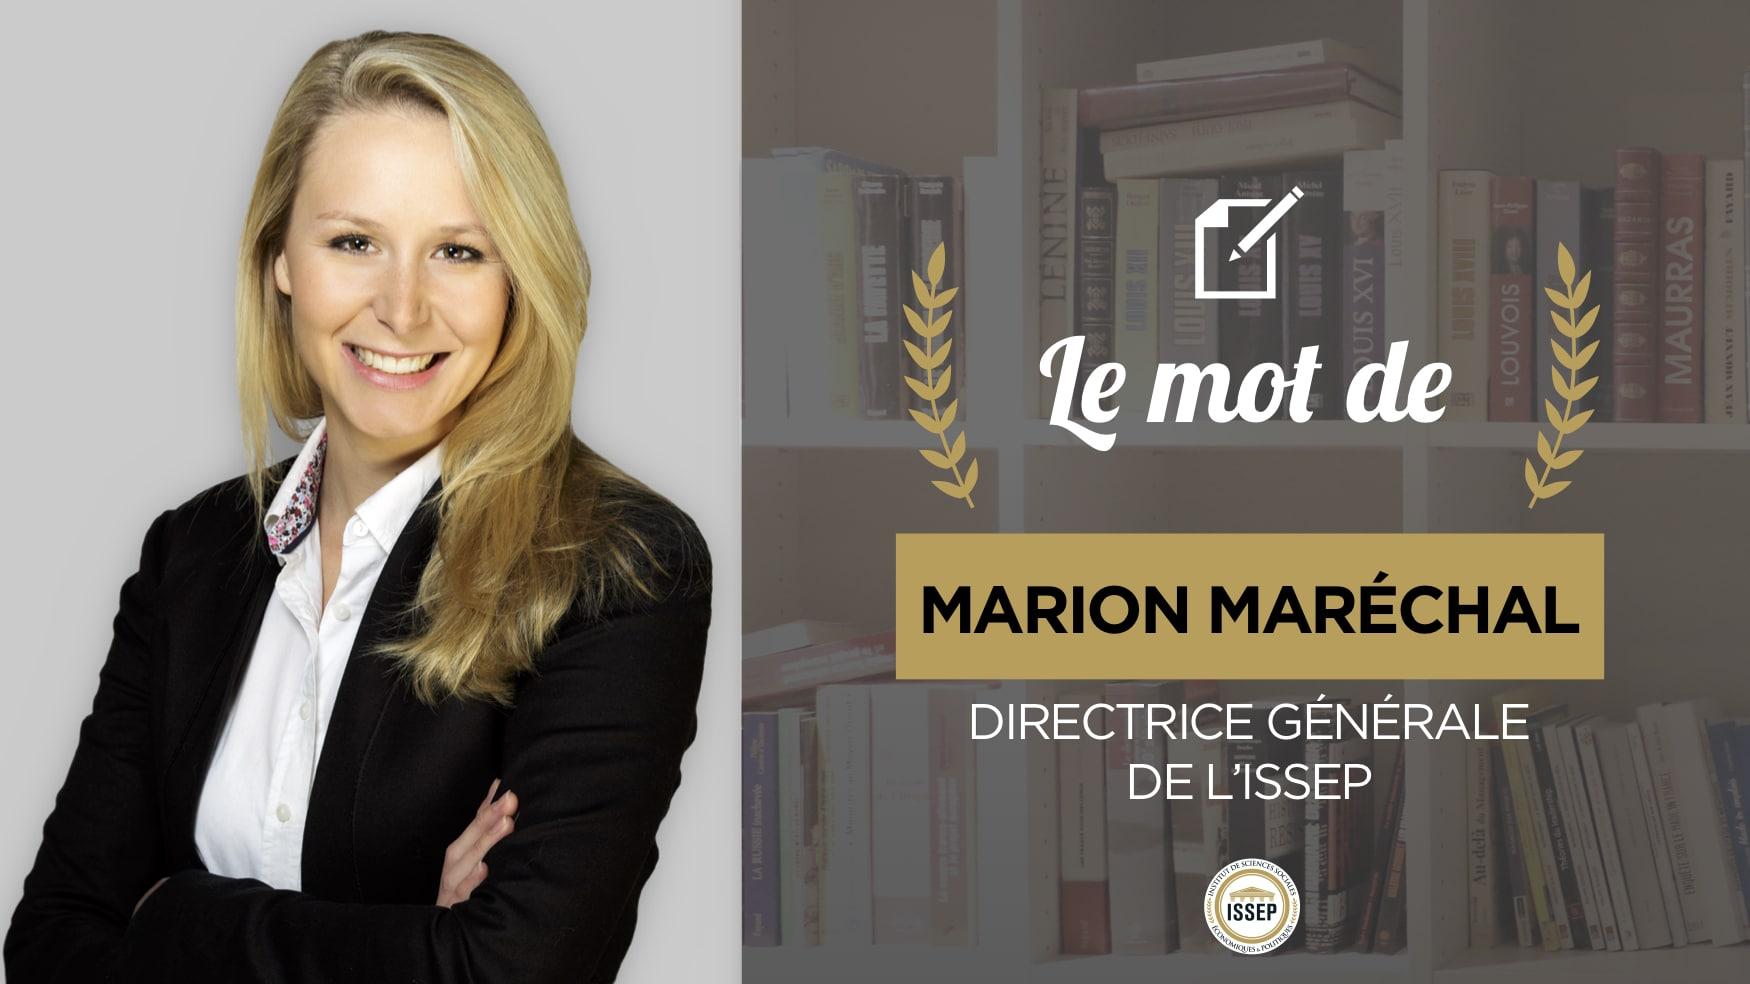 Le mot de Marion Maréchal, directrice générale de l'ISSEP